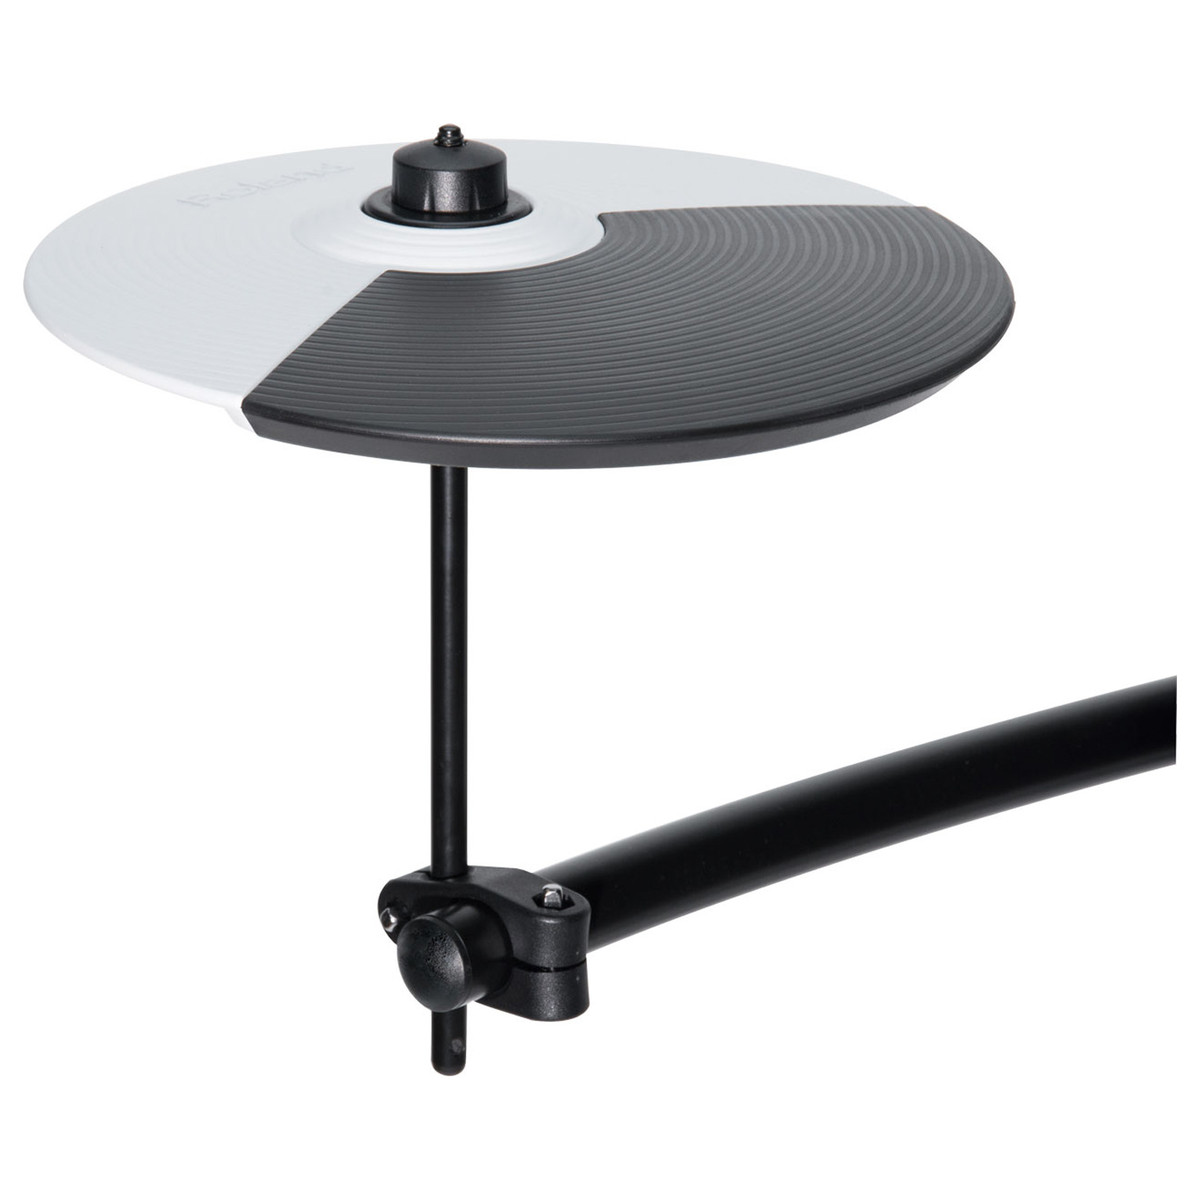 roland td 1kv v drums electronic drum kit with mesh snare. Black Bedroom Furniture Sets. Home Design Ideas